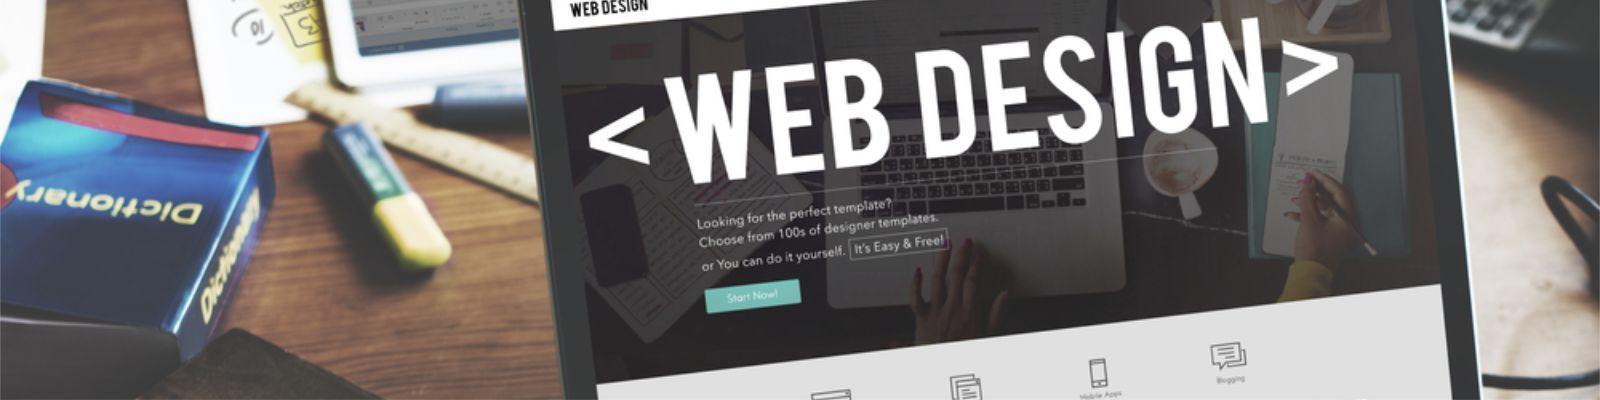 Parallex_Start Up Website £249 + VAT